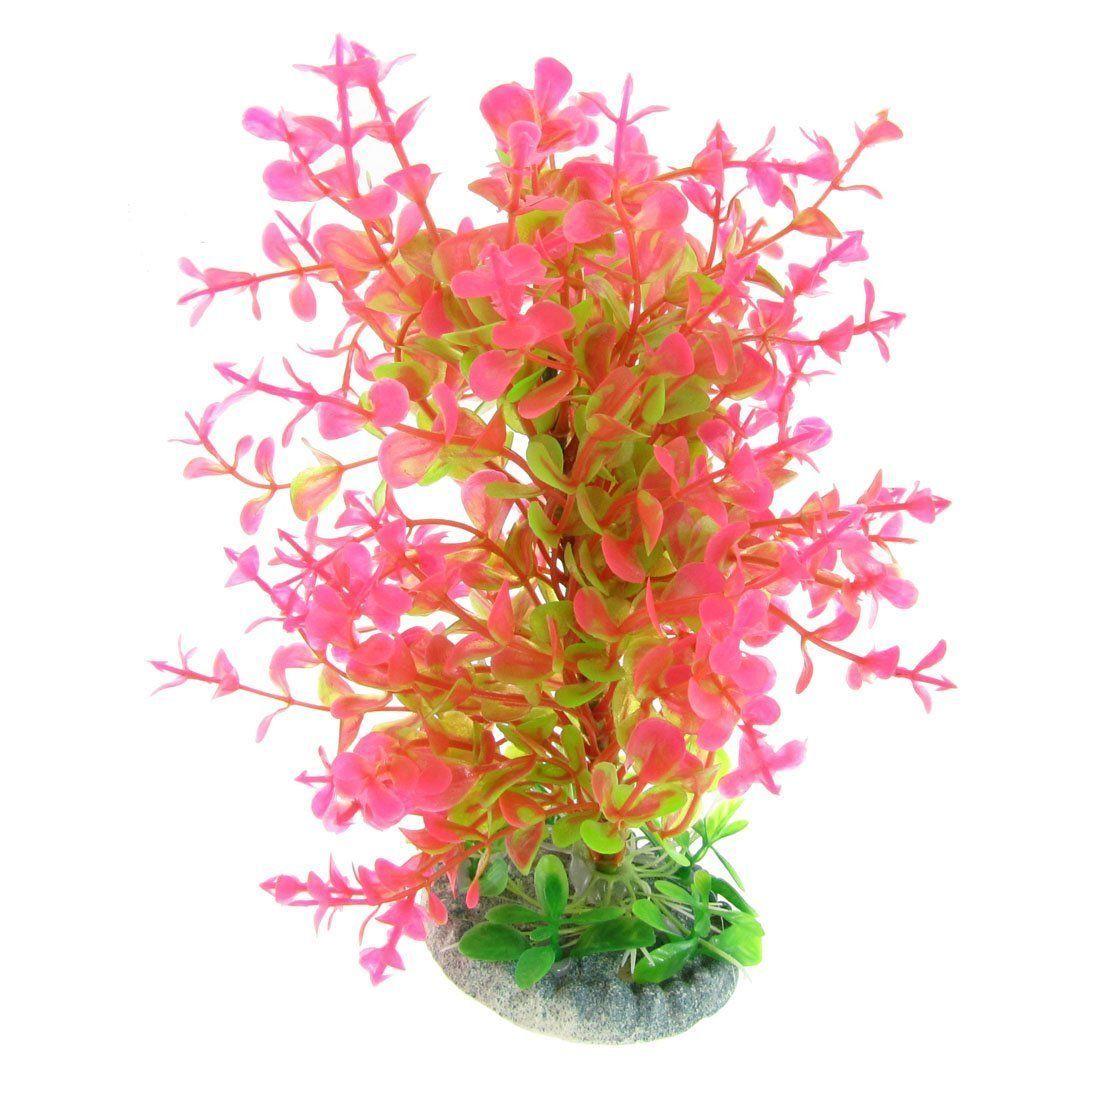 Jbj aquarium fish tank siphon gravel vacuum cleaner - Aquarium Fish Tank Green Magenta 7 High Plastic Plant Decoration Ad